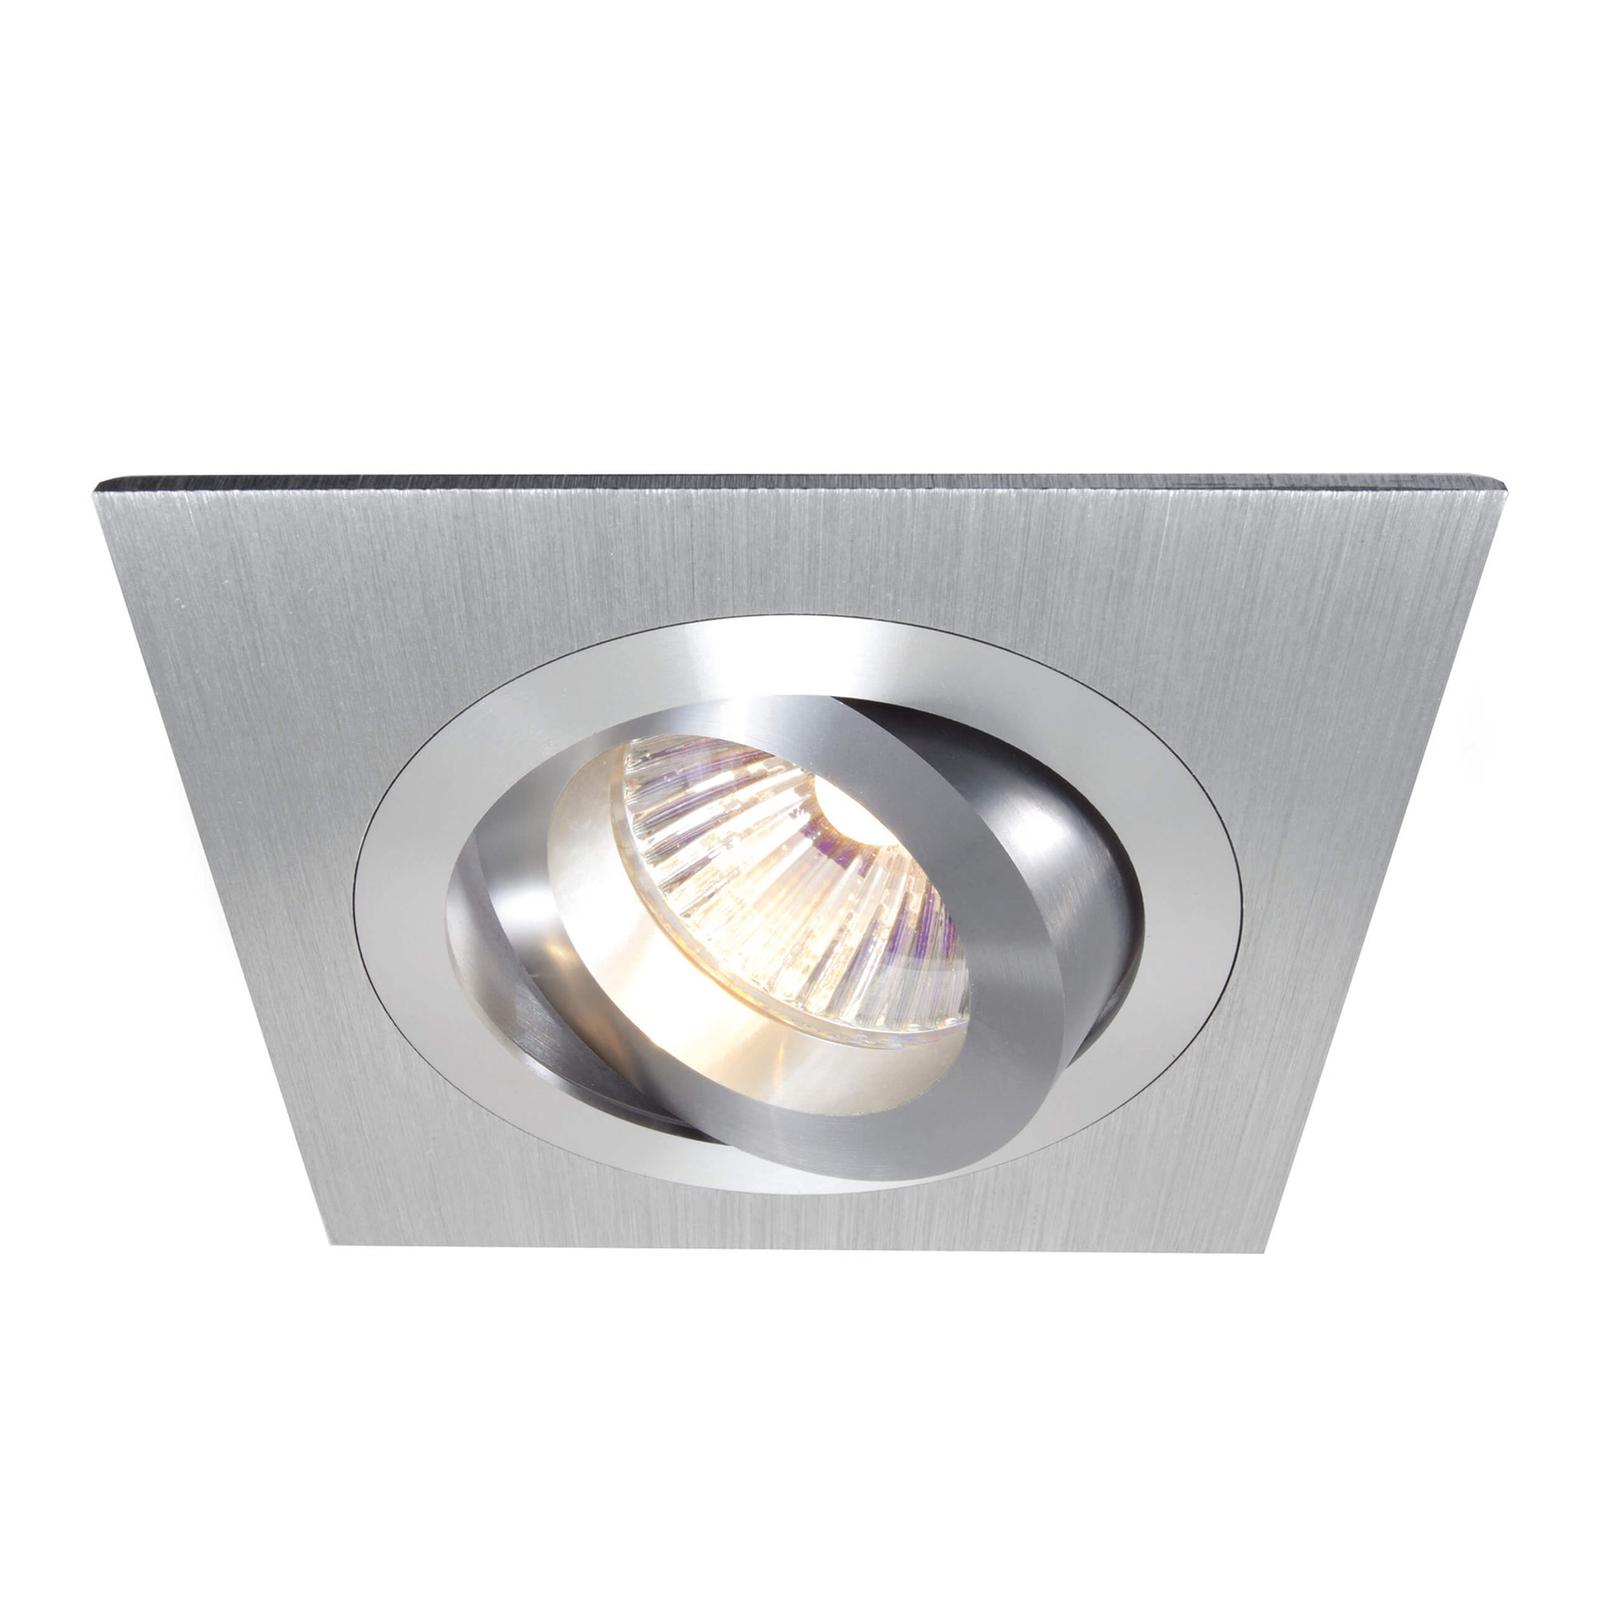 Alu anneau encastré inclinable, 9,2x9,2cm alu